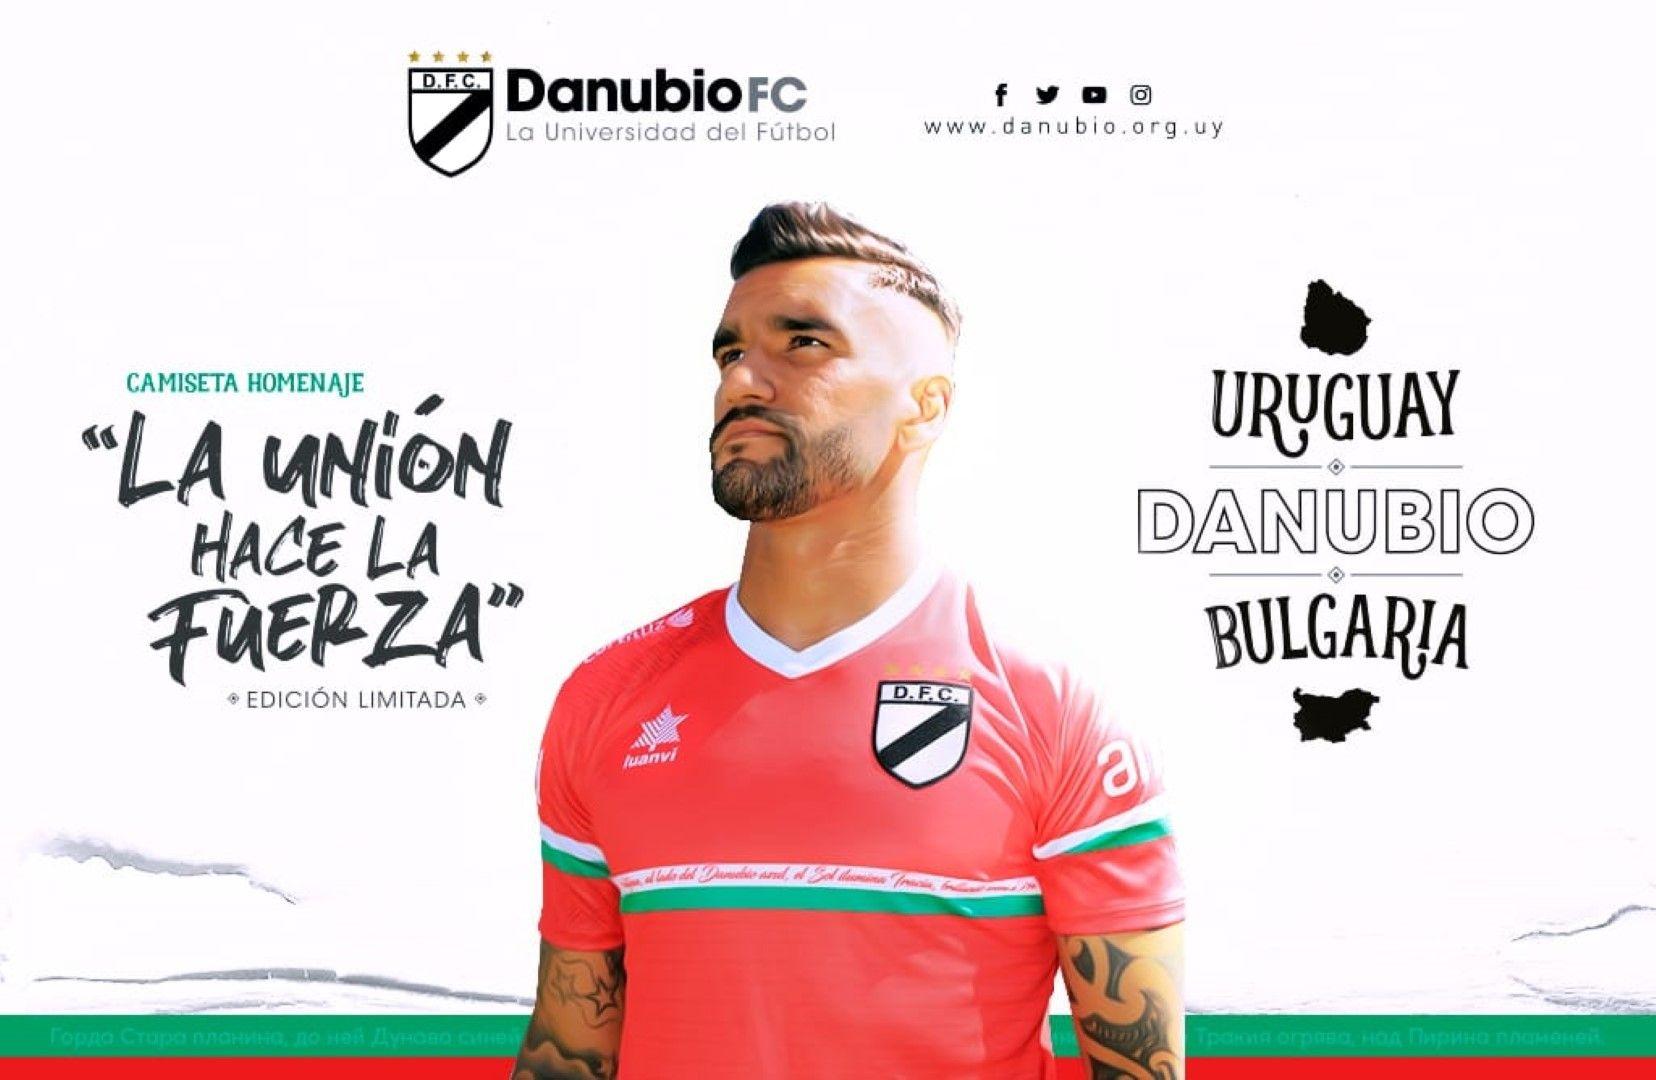 Наскоро една новина от далечен Уругвай обиколи българските медии. Местният